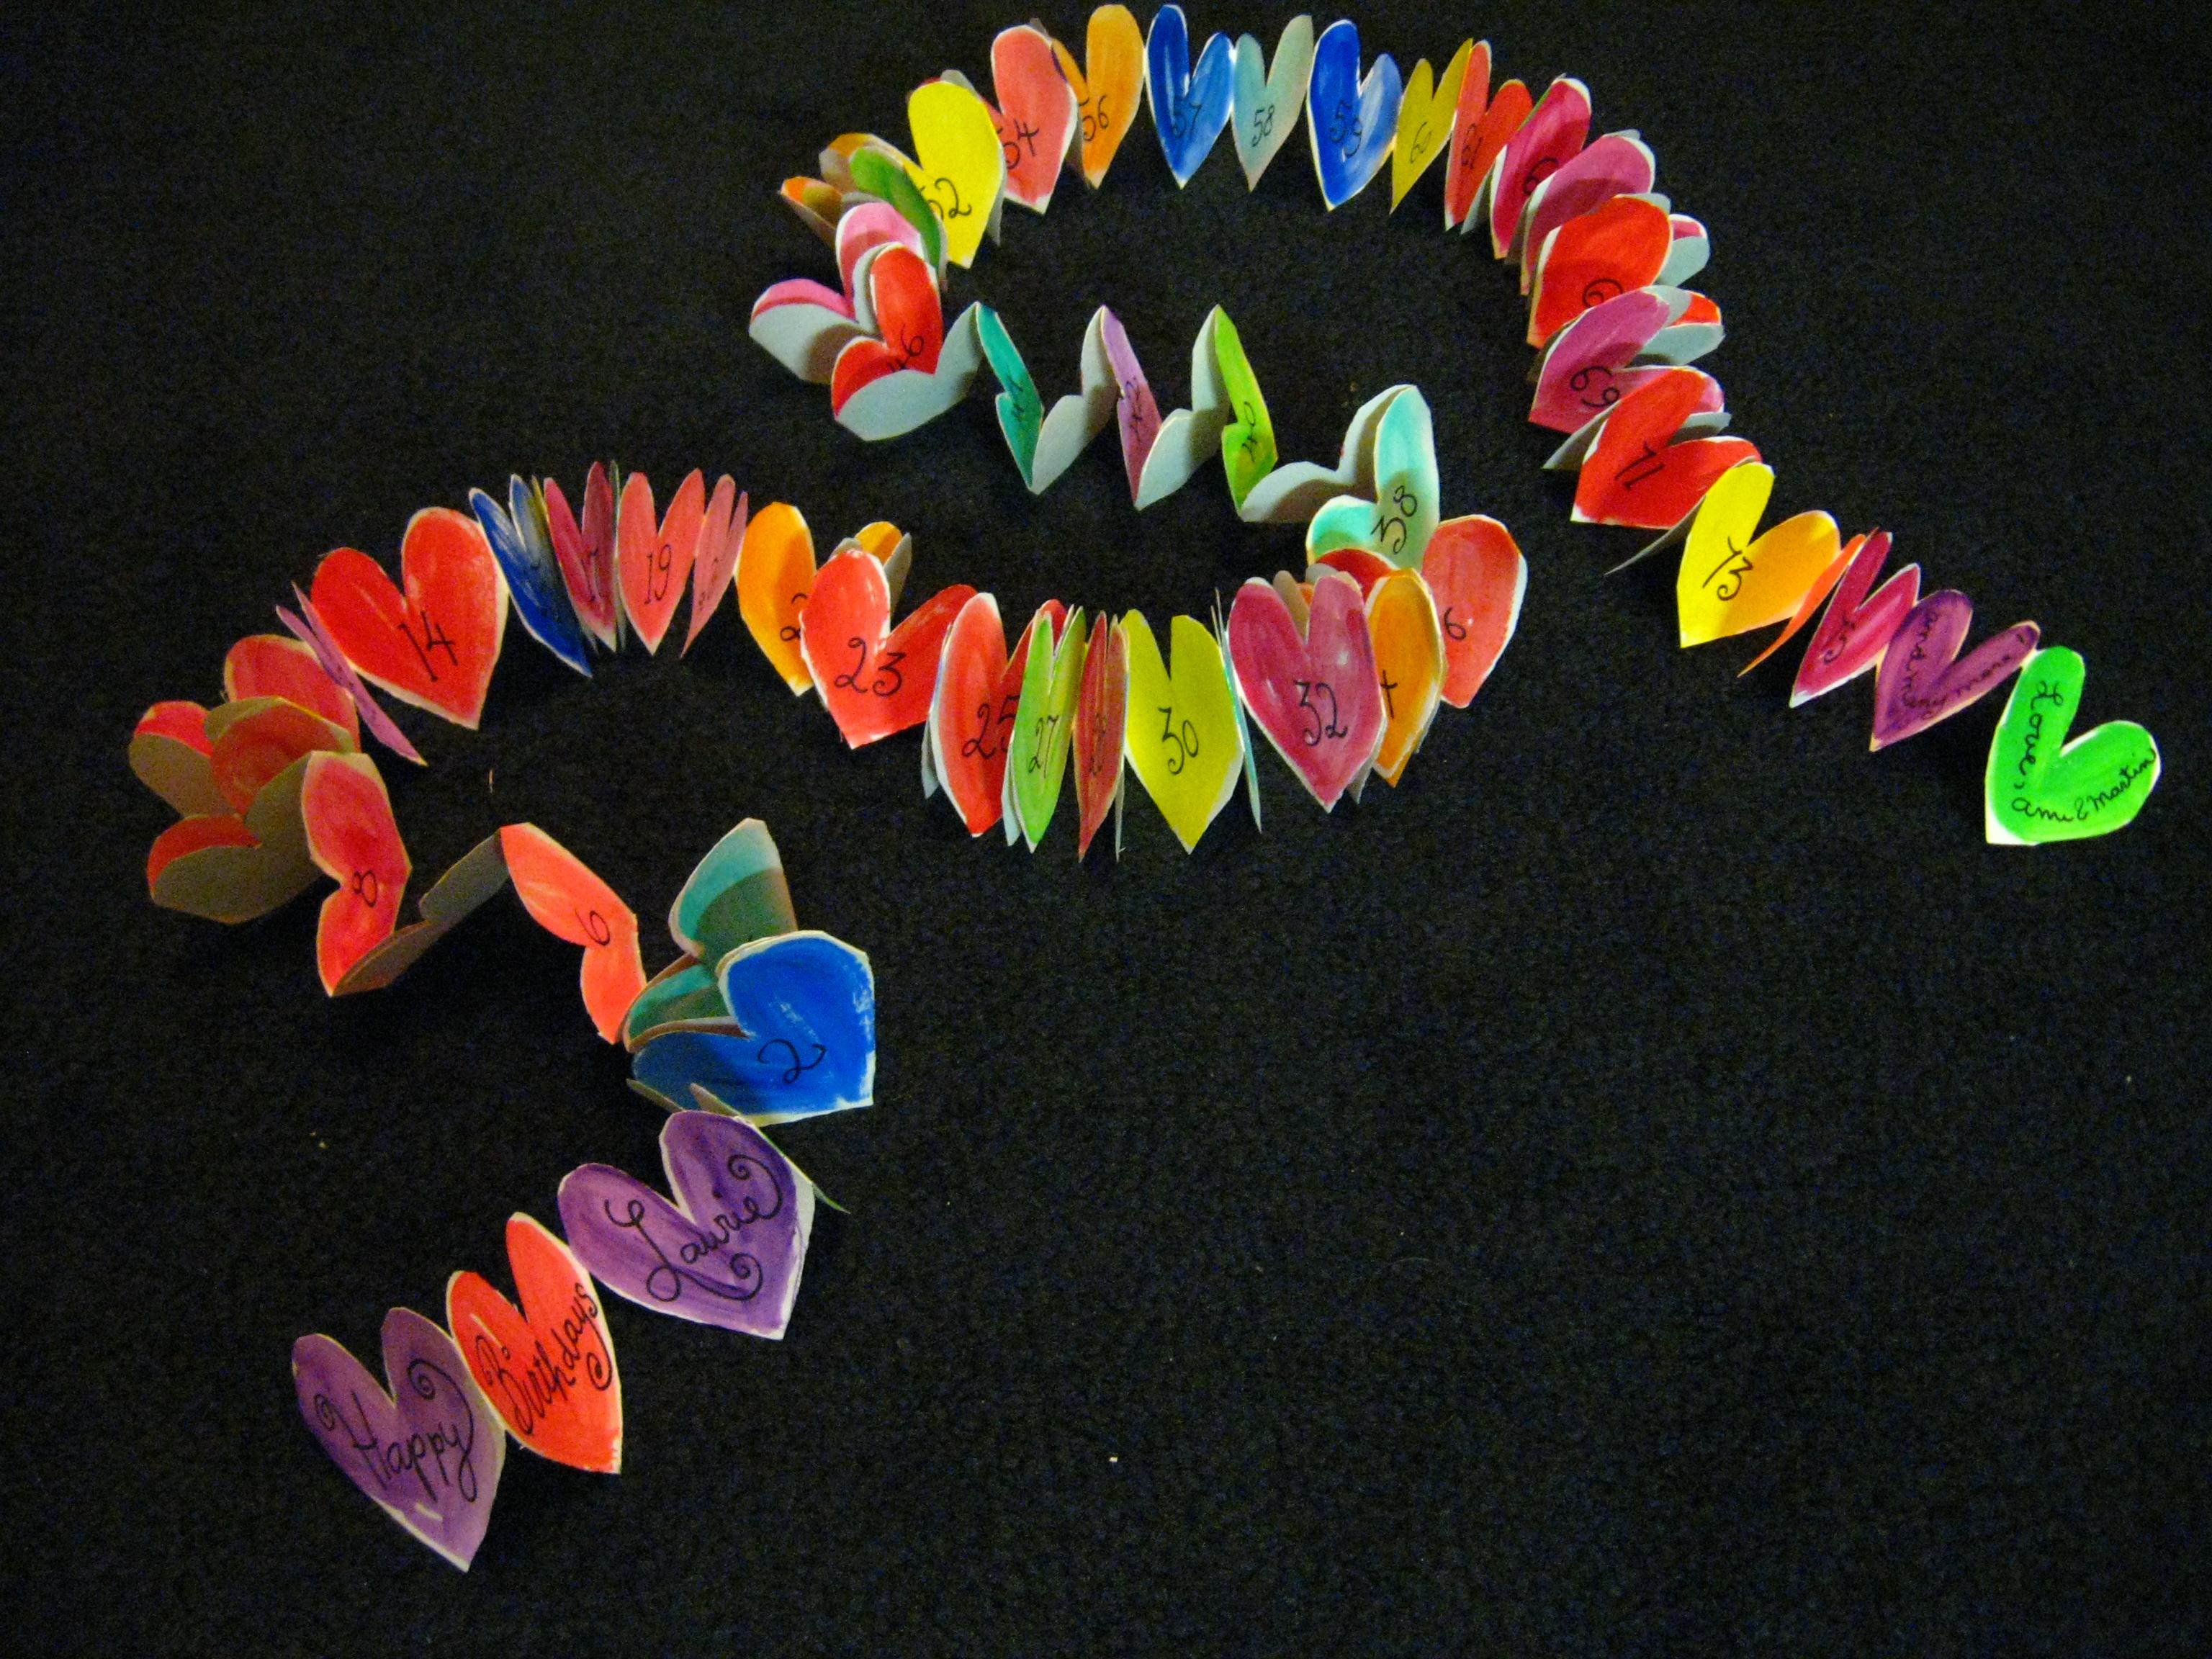 75 hearts